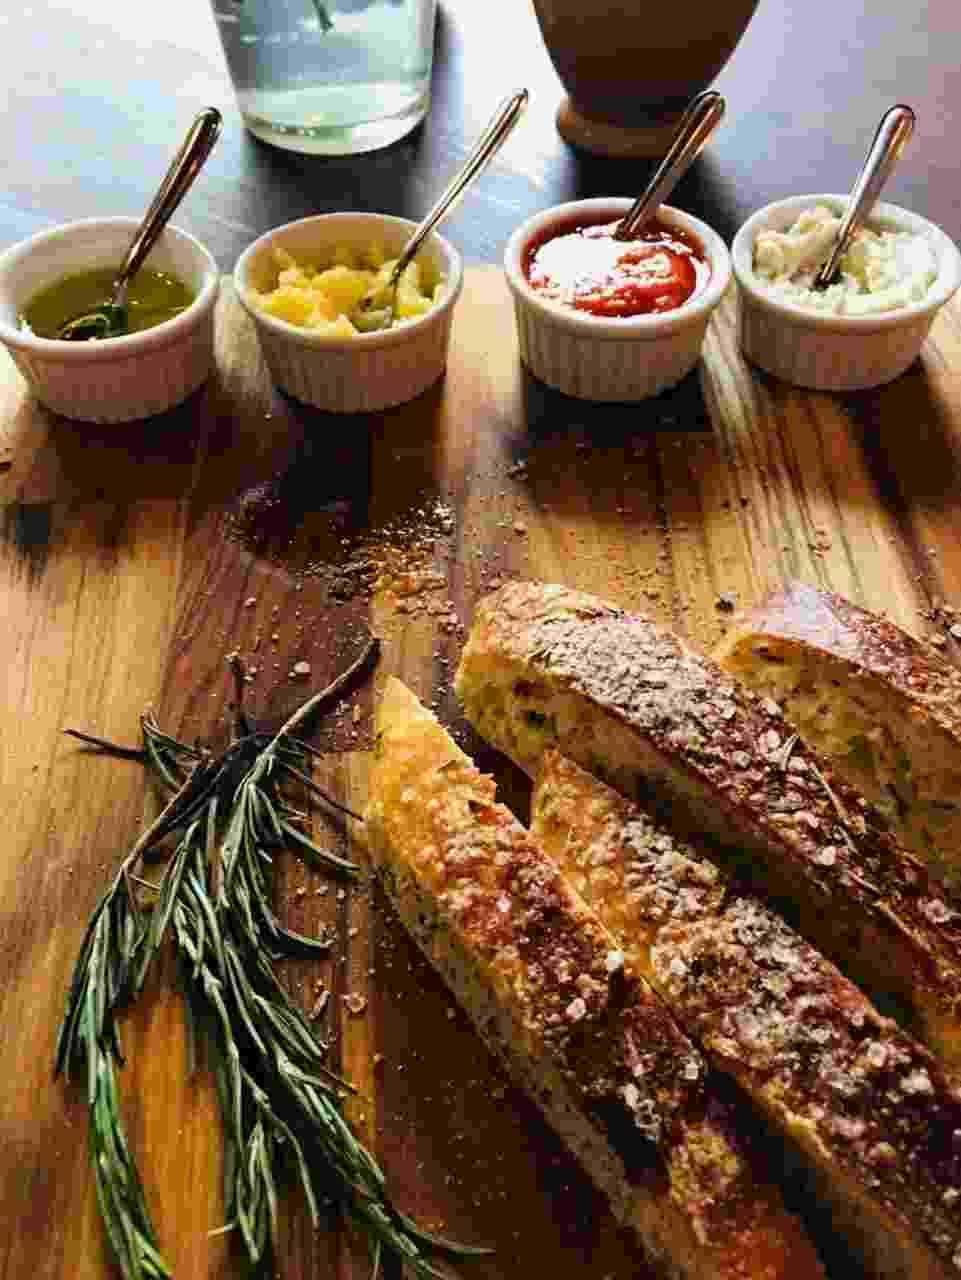 A Santiago Padaria Artesanal vende pães de fermentação natural que podem ser consumidos no local com manteigas e geleias - Divulgação